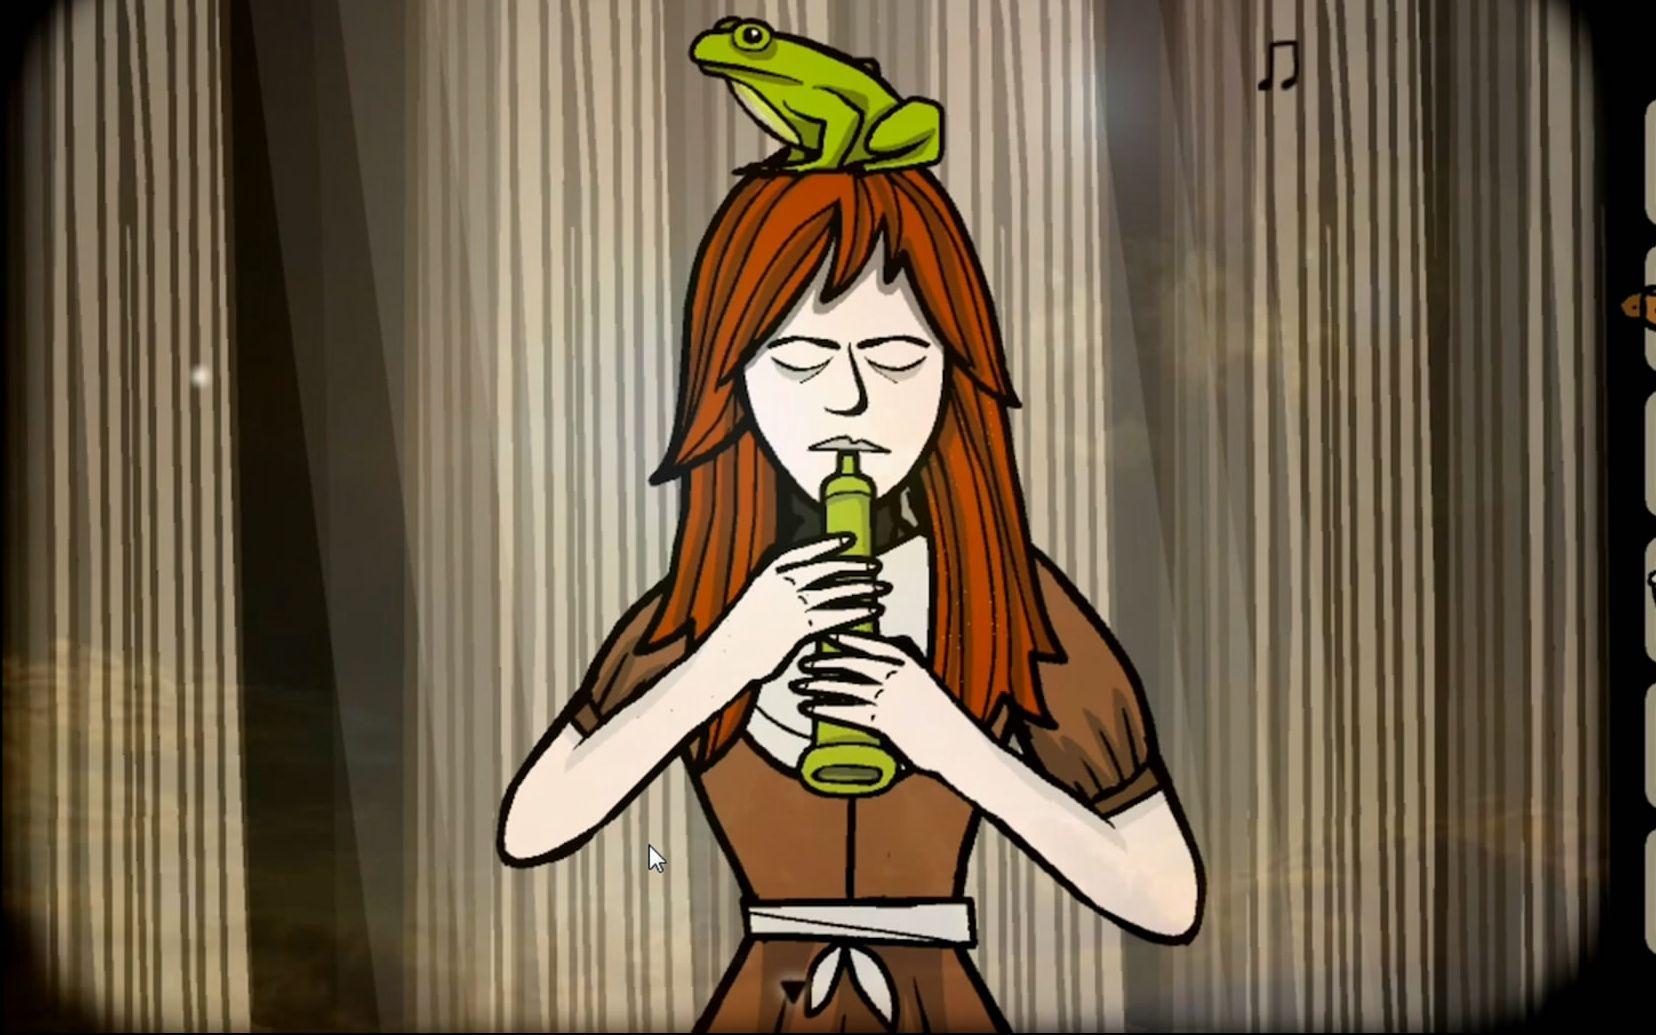 【通关天堂-绣湖方块岛】第一灾和第二灾游戏尾行逃离视频图片